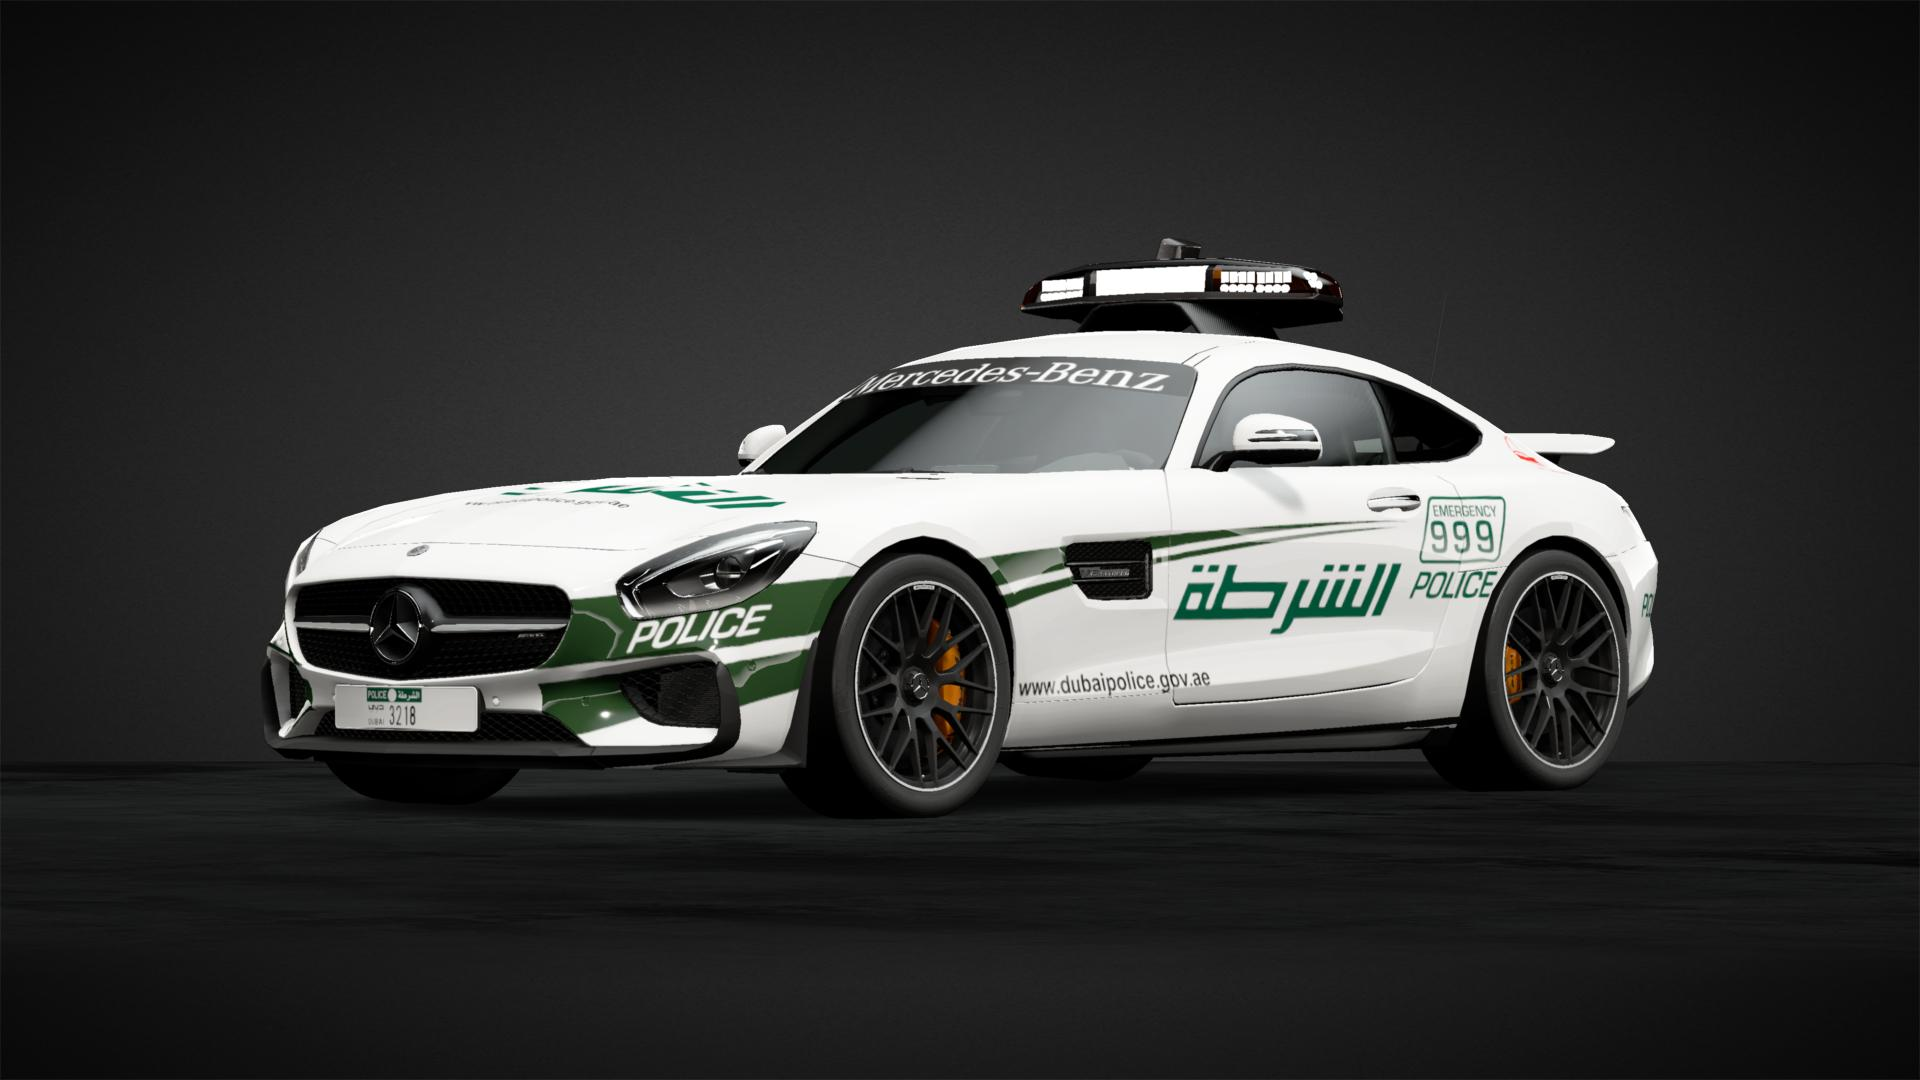 Mercedes AMG GT Dubai Police - Car Livery by sgebi